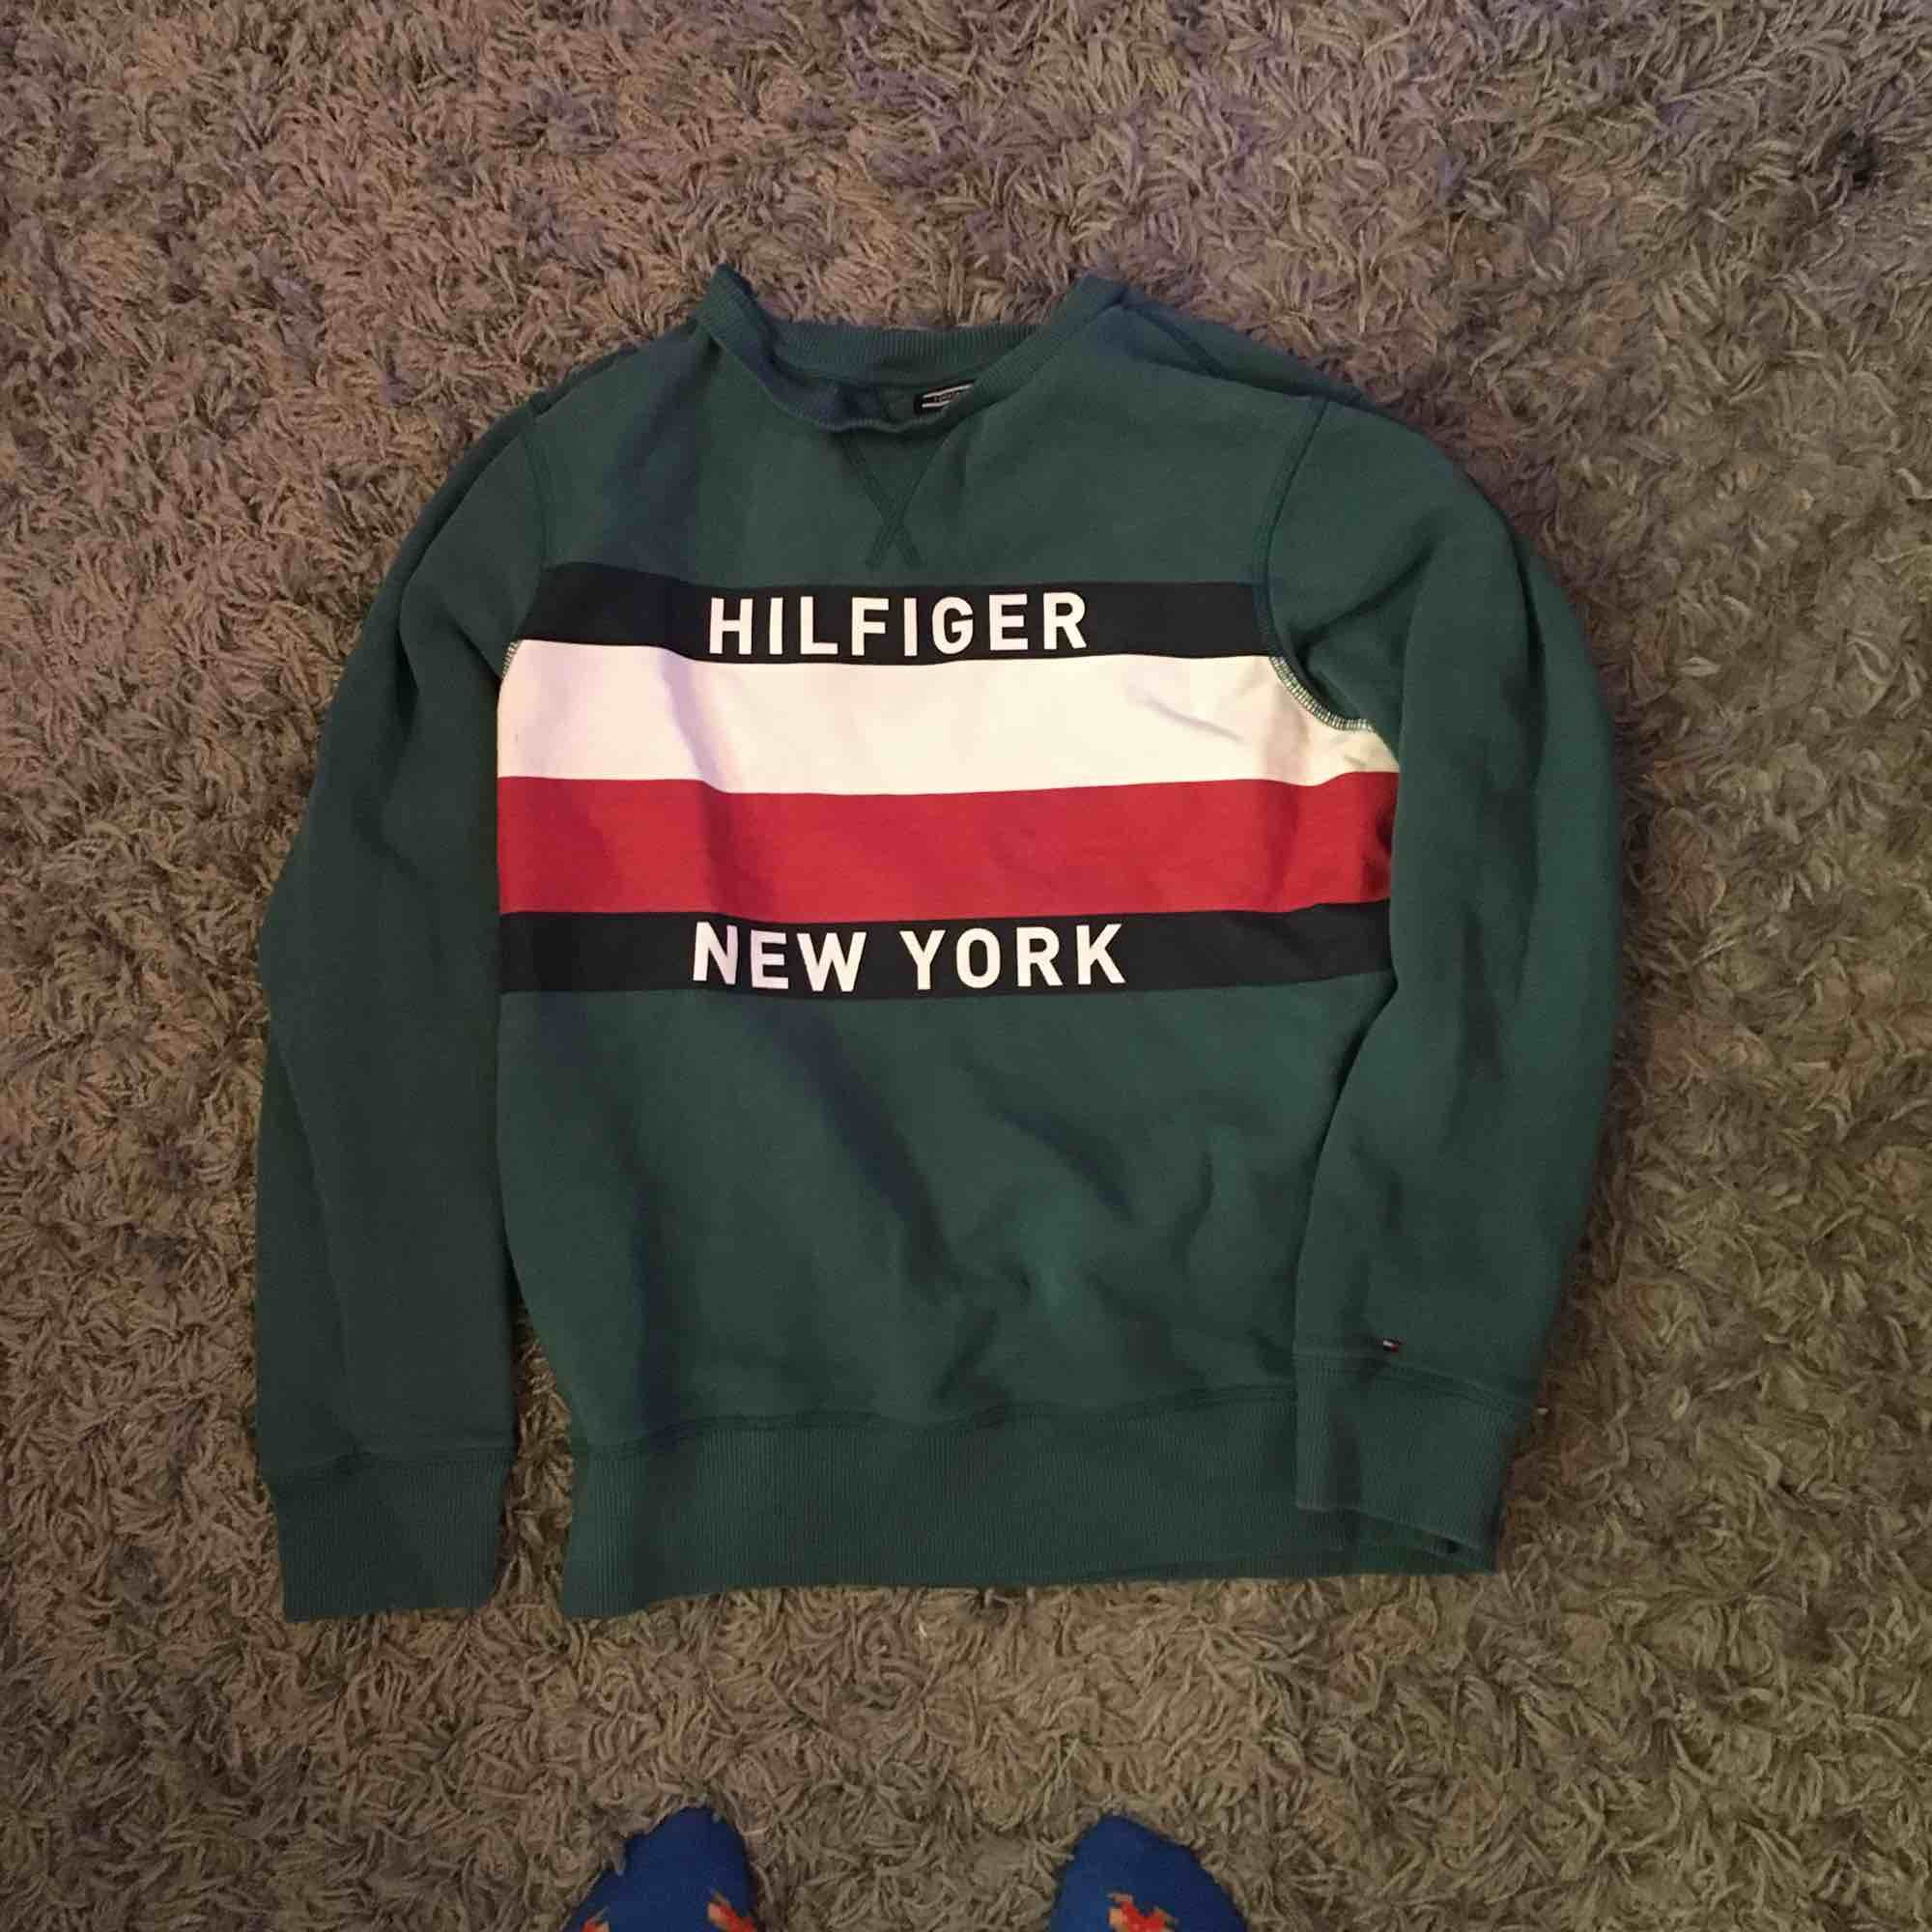 (ÄKTA) Säljer min coola gröna Hilfigher tröja, sitter så fint och är sååå mysig men använder den allt för ofta tyvärr! Skriv om du har en fråga!<3. Tröjor & Koftor.